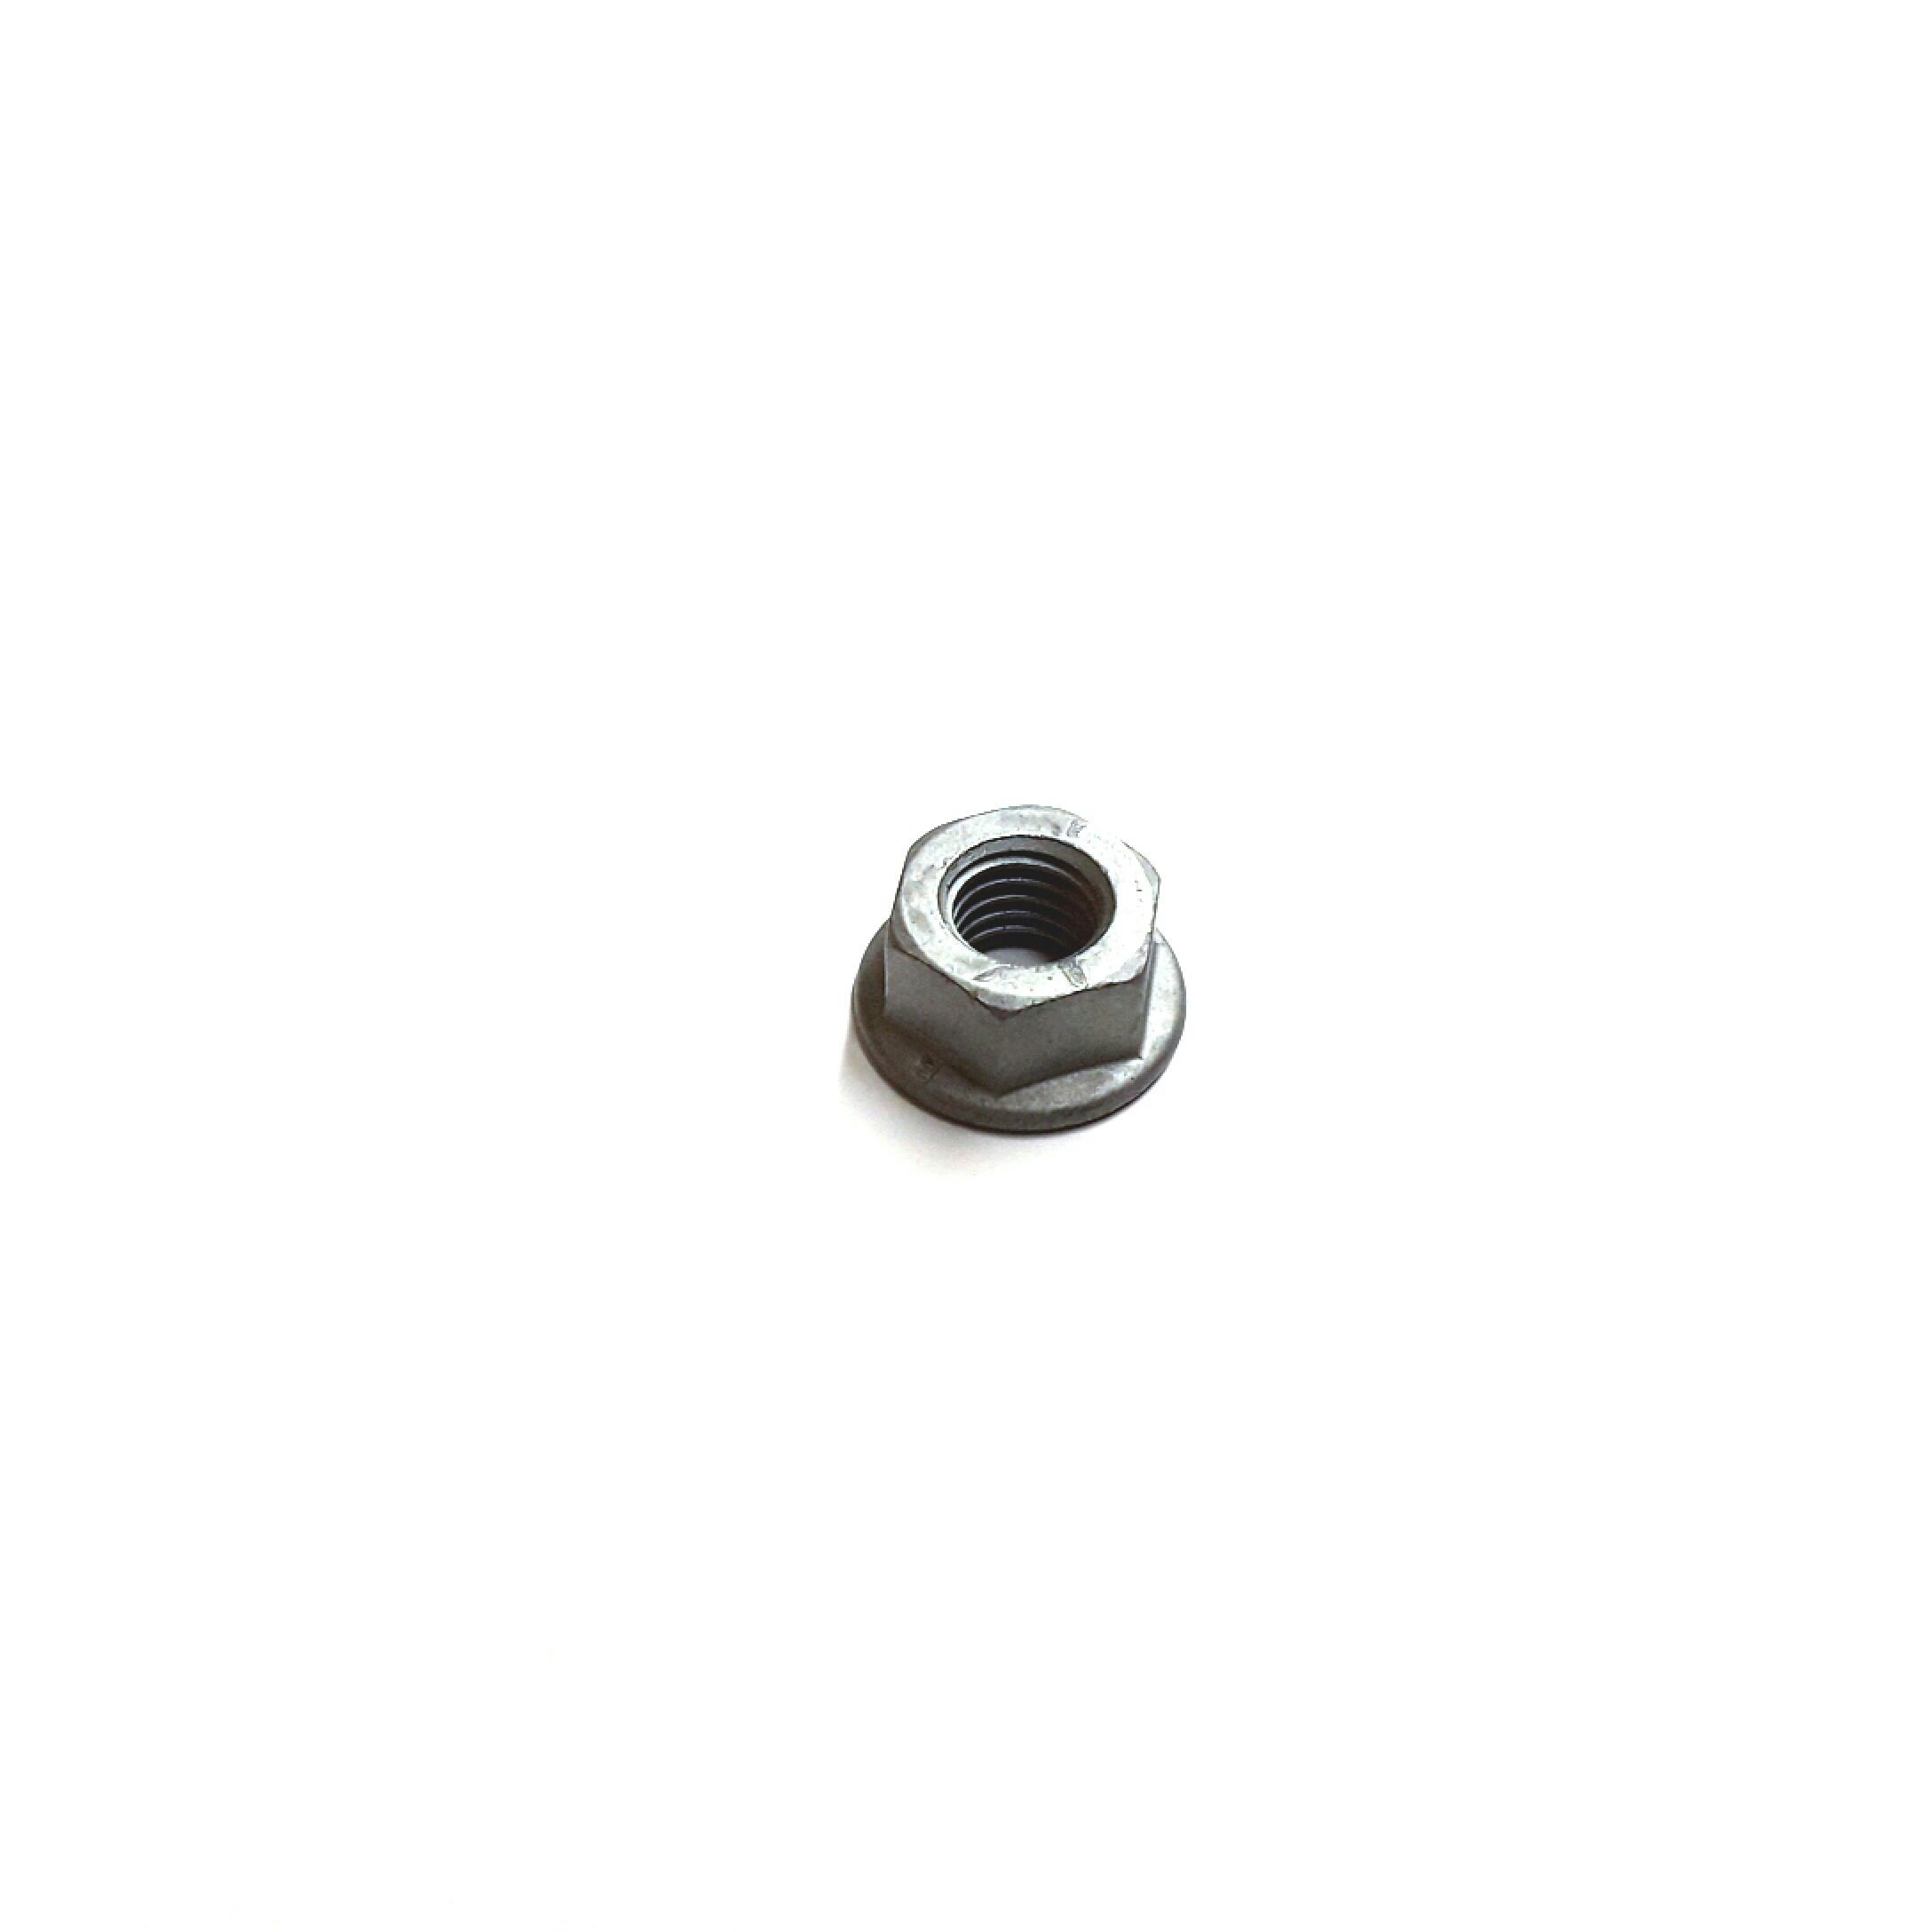 Volkswagen Atlanta: Volkswagen Jetta Shouldered Hex. Nut As Required Use: For